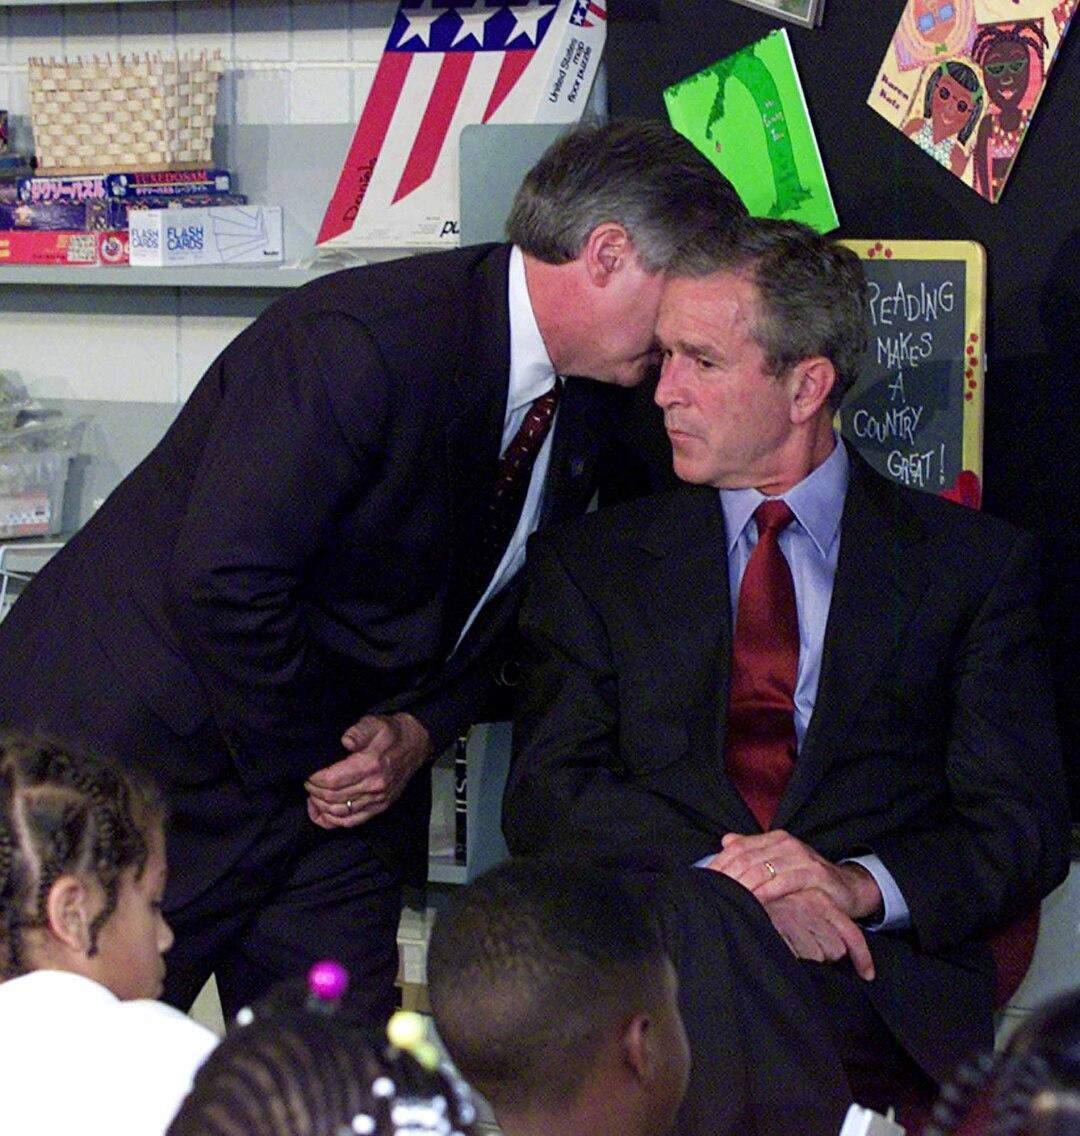 یک دستیار در گوش رئیس جمهور بوش در حالی که در کلاس درس می نشیند نجوا می کند